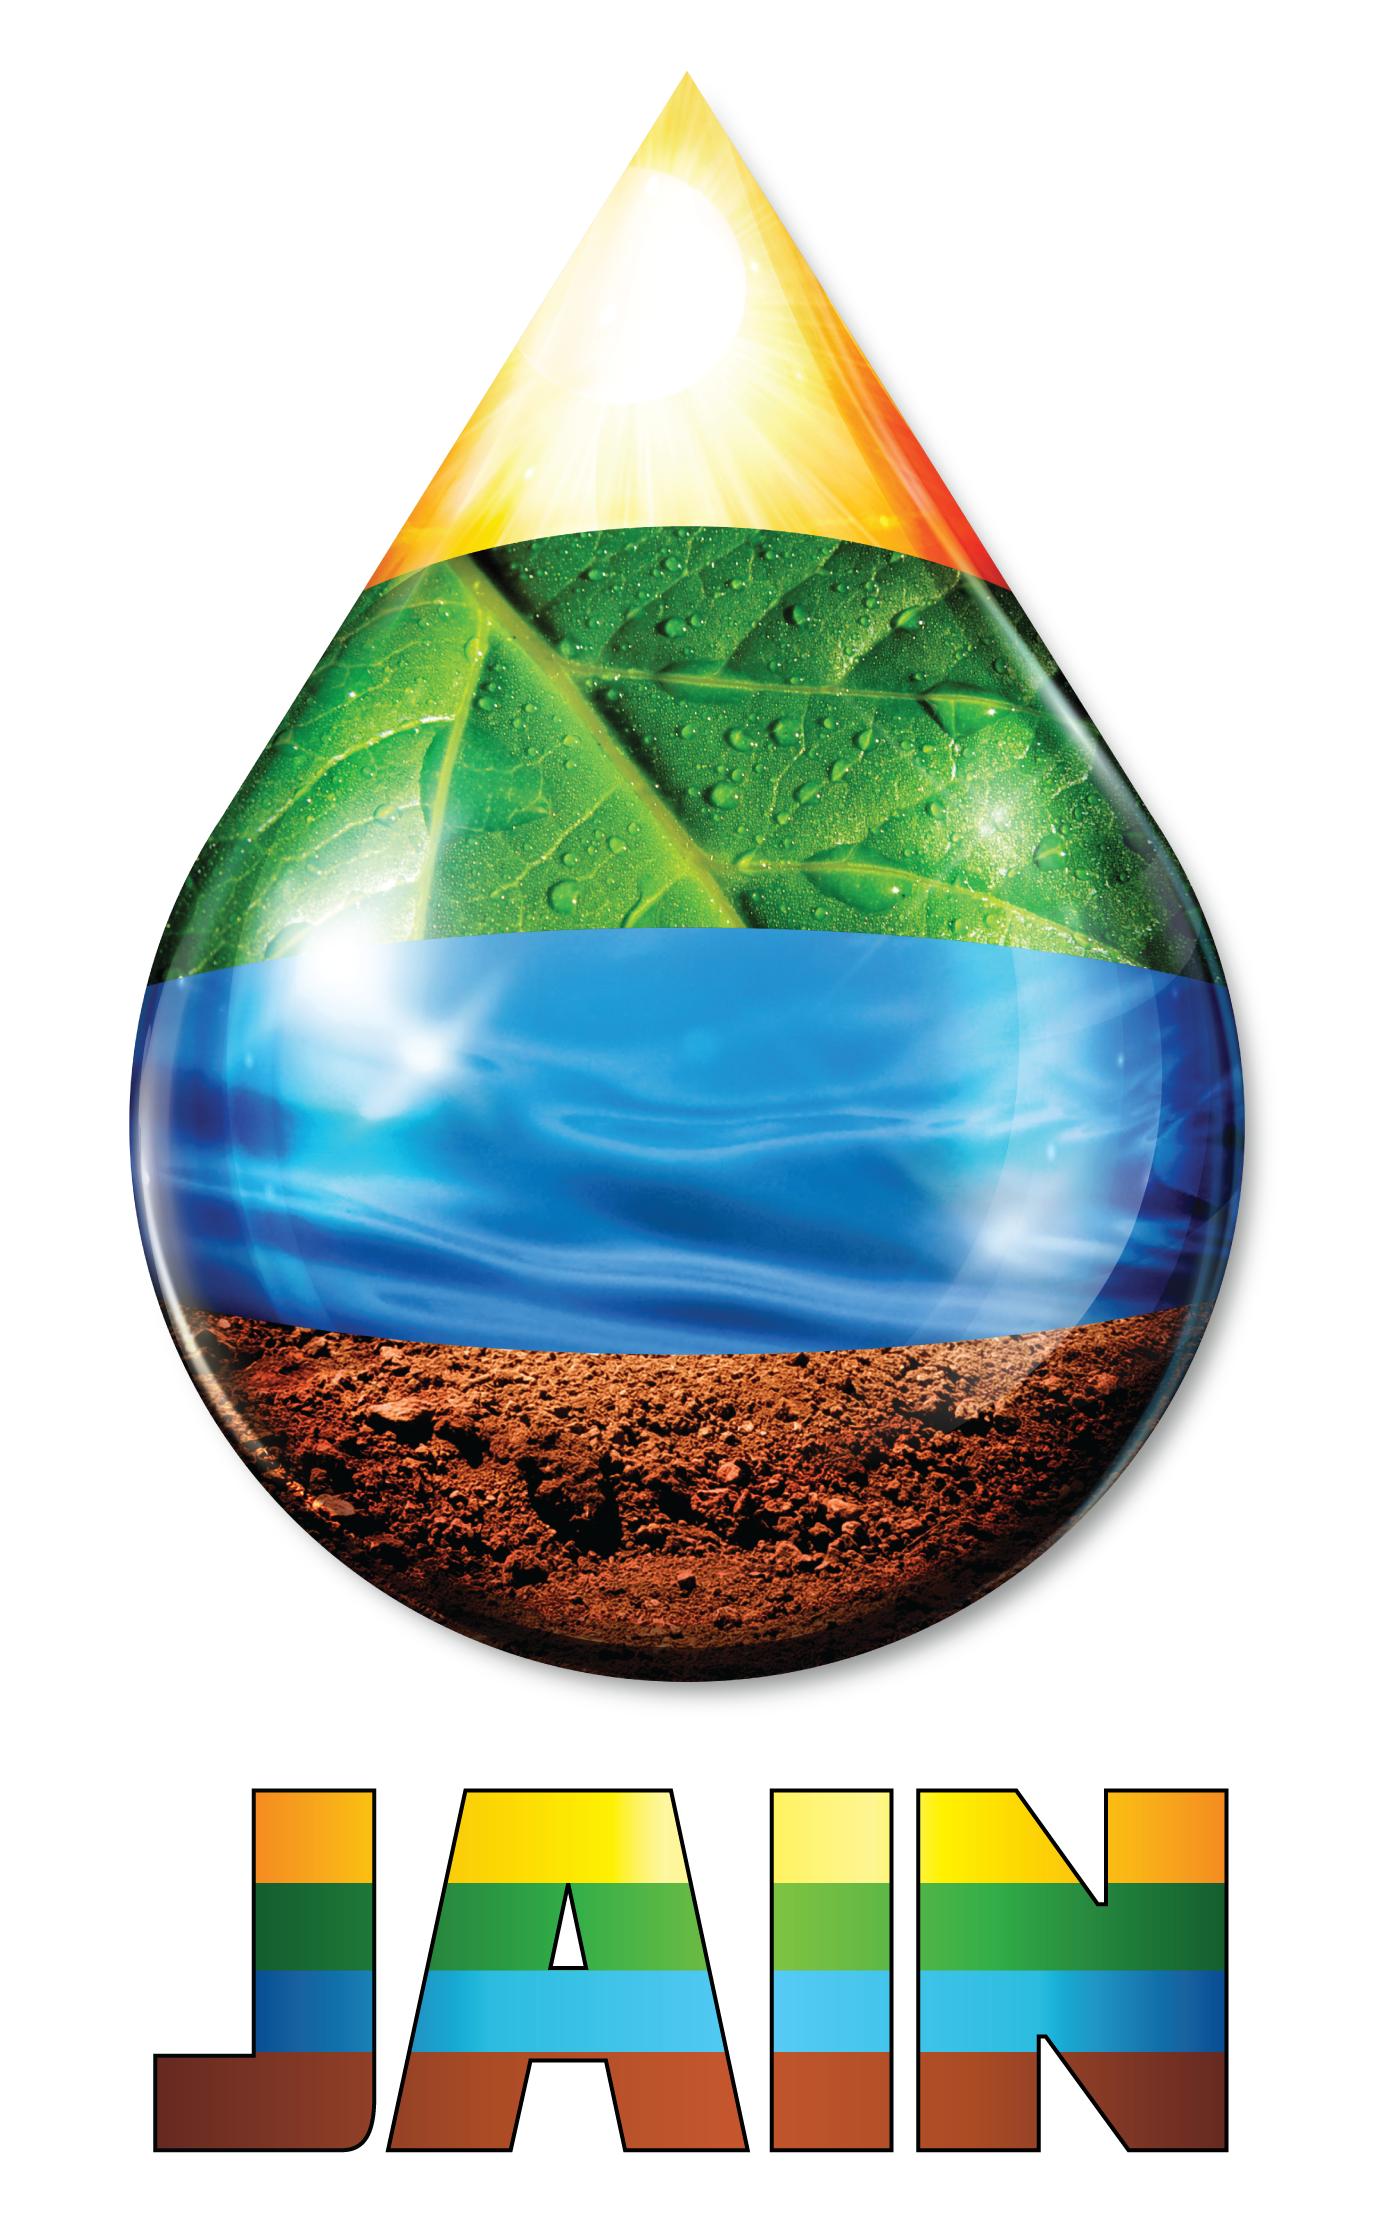 2015-Jain-logo.png